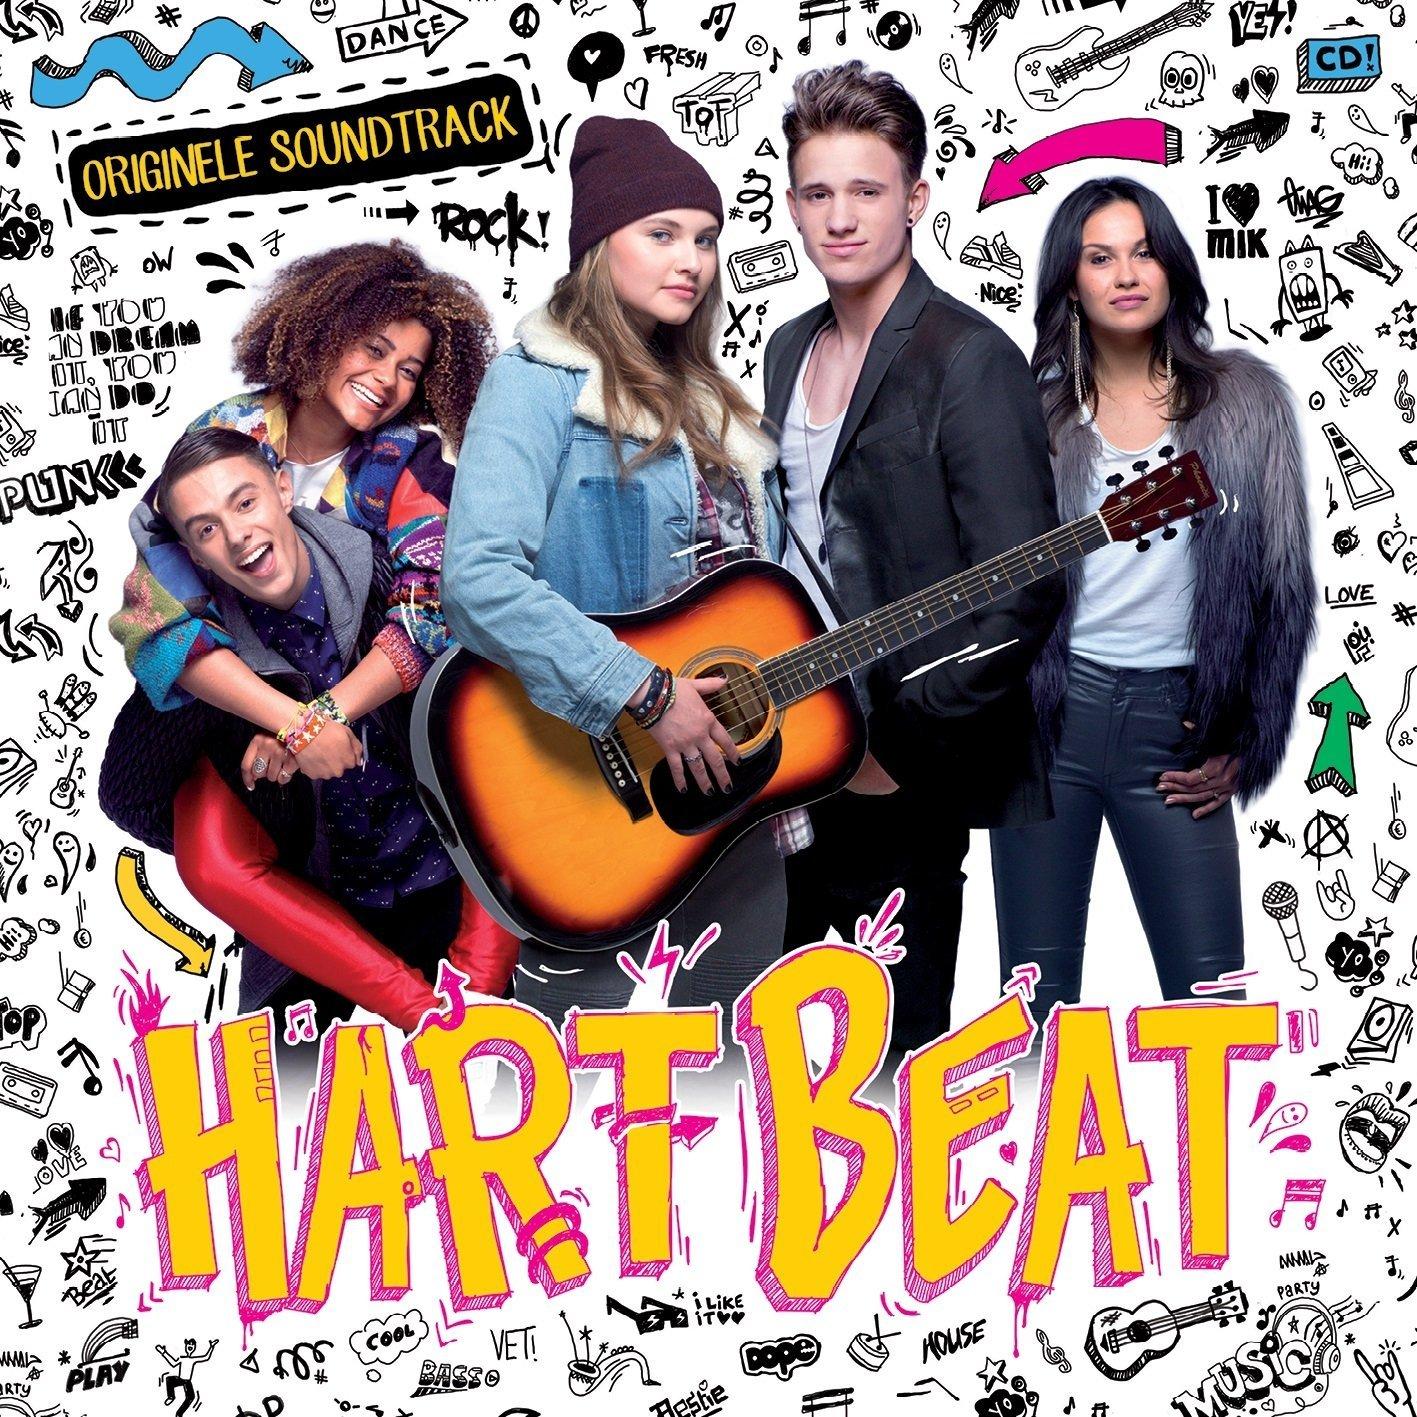 heartbeat film